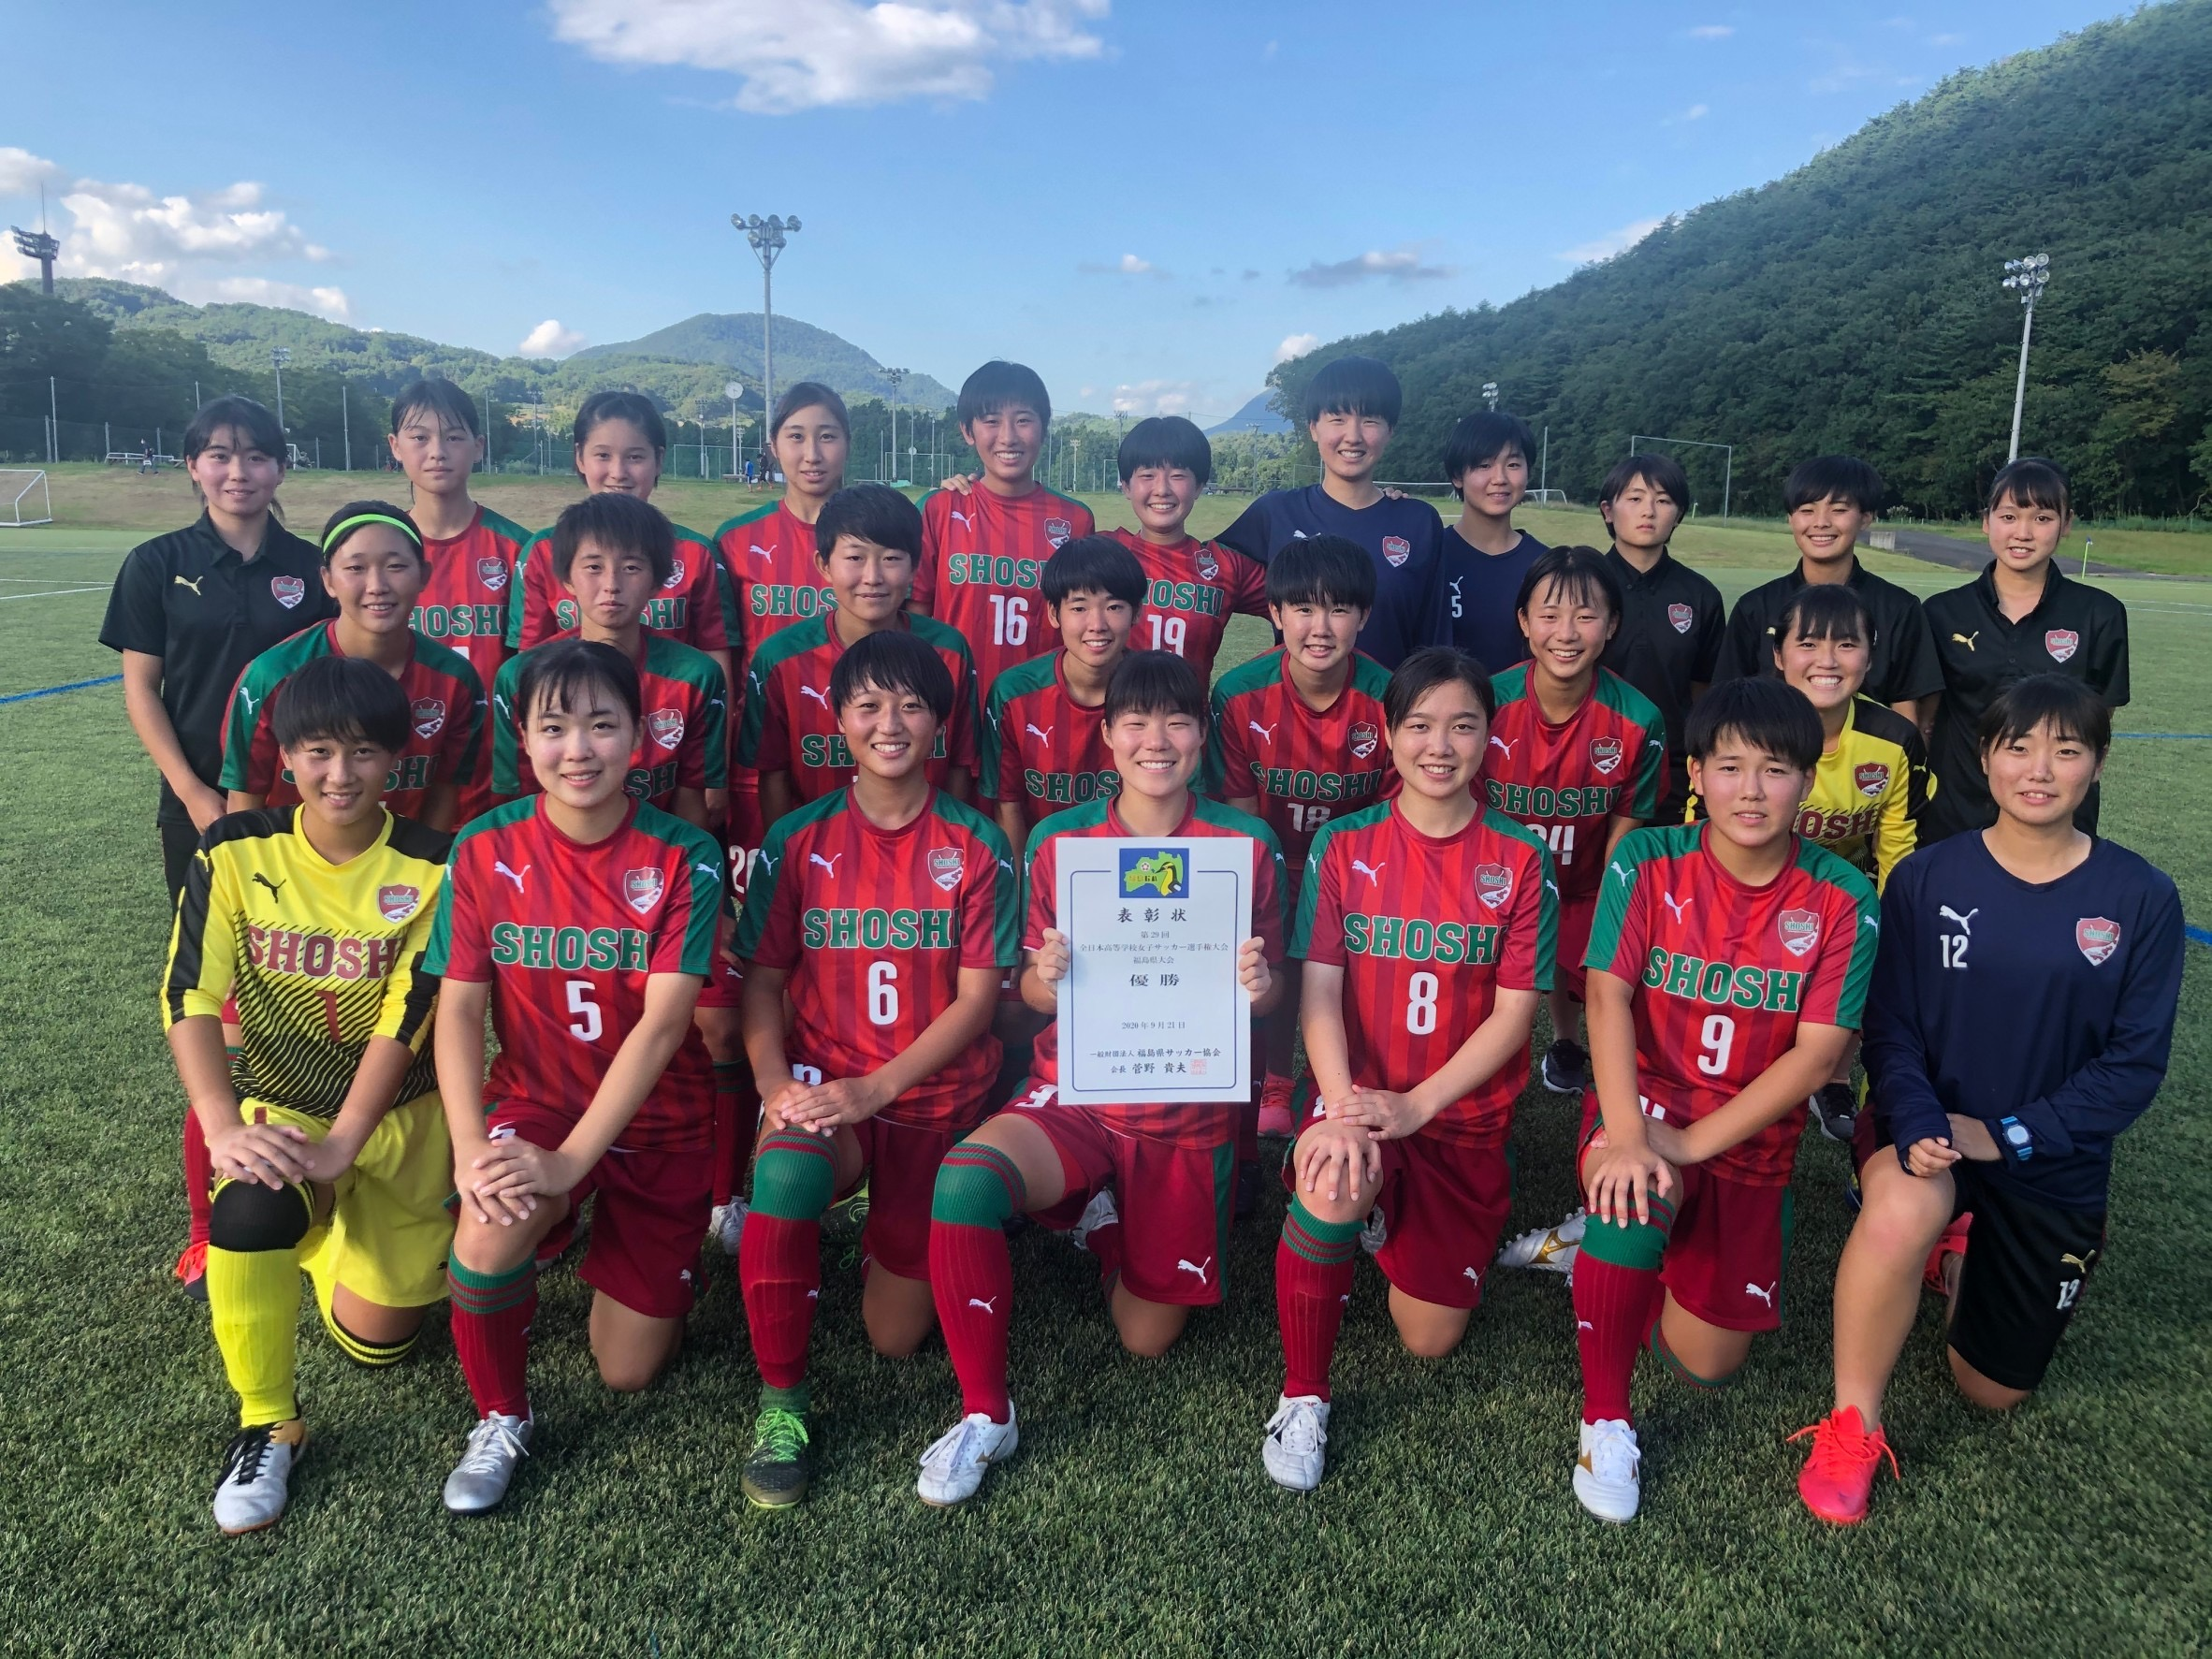 選手権 2020 高校 女子 サッカー